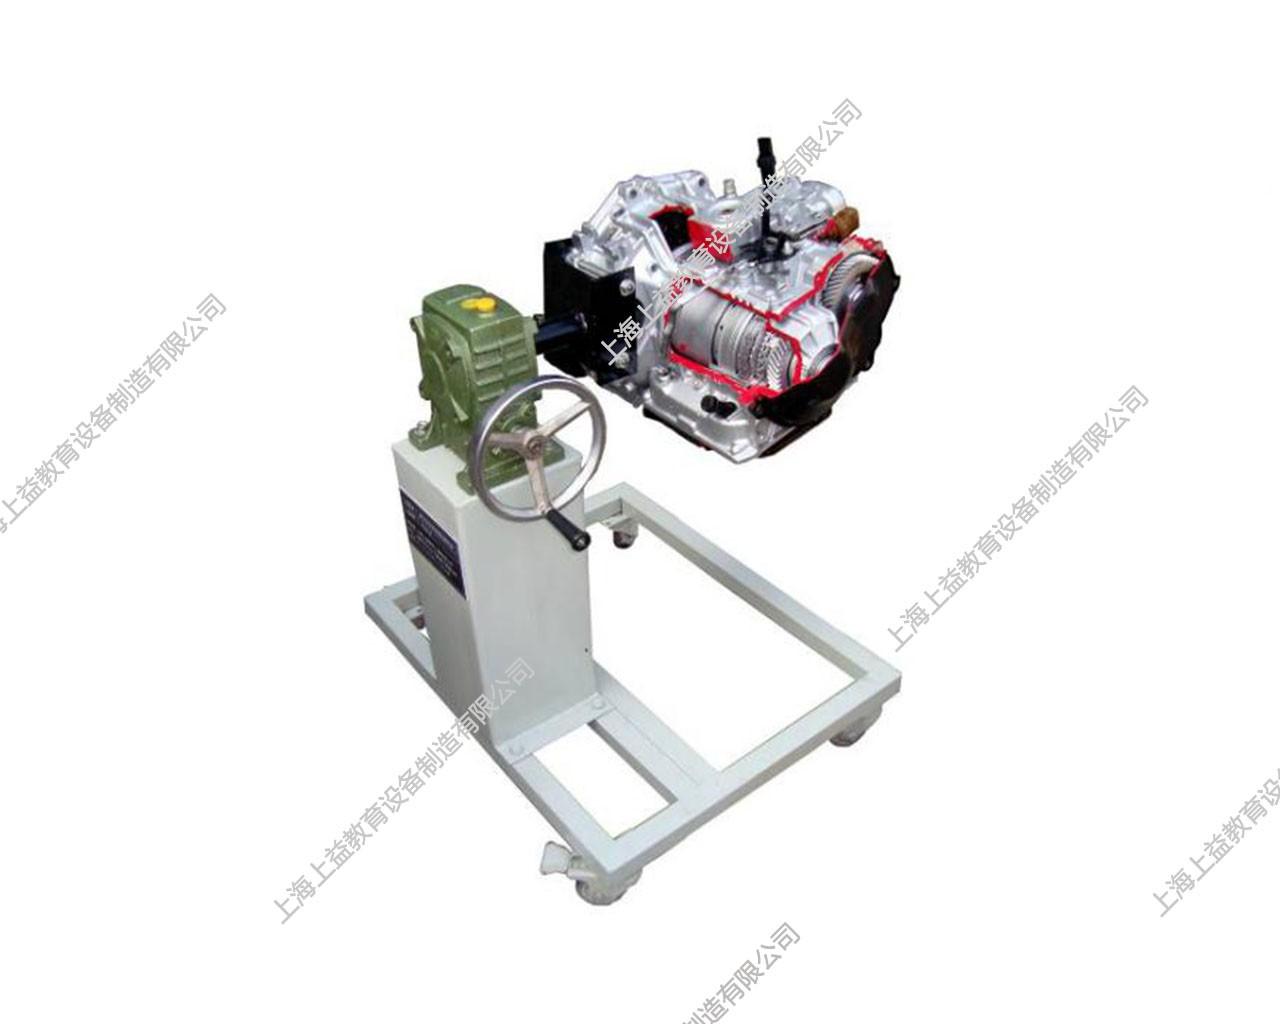 大众01M自动变速器解剖台架(带翻转架)